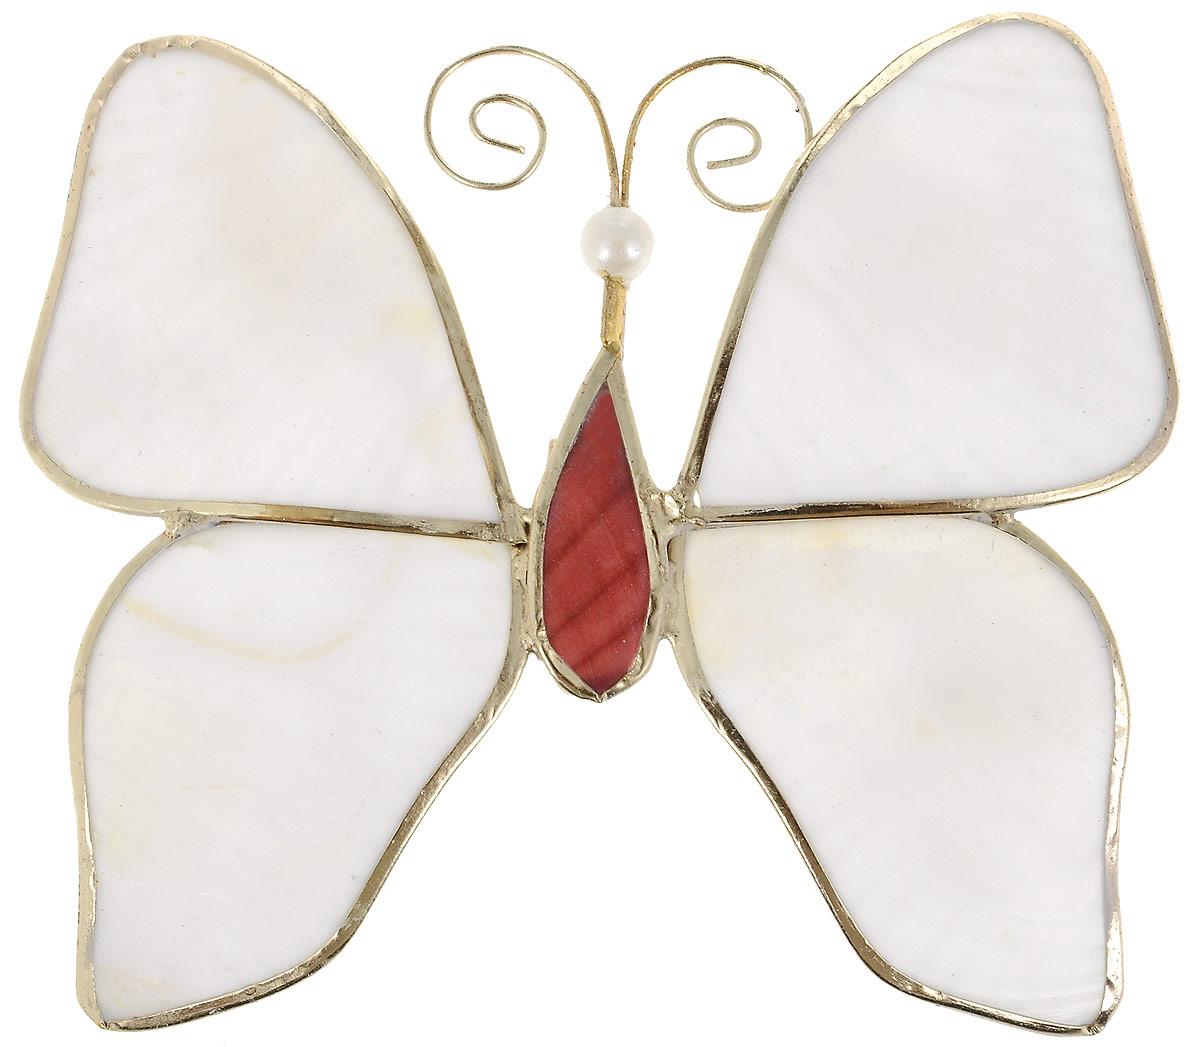 Украшение новогоднее подвесное Winter Wings Бабочка, 9 х 7,5 смN07347Украшение Winter Wings Бабочка прекрасно подойдет для праздничного декора новогодней ели. Изделие выполнено из перламутра и металла. Для удобного размещения на елке предусмотрена текстильная петелька.Елочная игрушка - символ Нового года. Она несет в себе волшебство и красоту праздника. Создайте в своем доме атмосферу веселья и радости, украшая новогоднюю елку нарядными игрушками, которые будут из года в год накапливать теплоту воспоминаний.